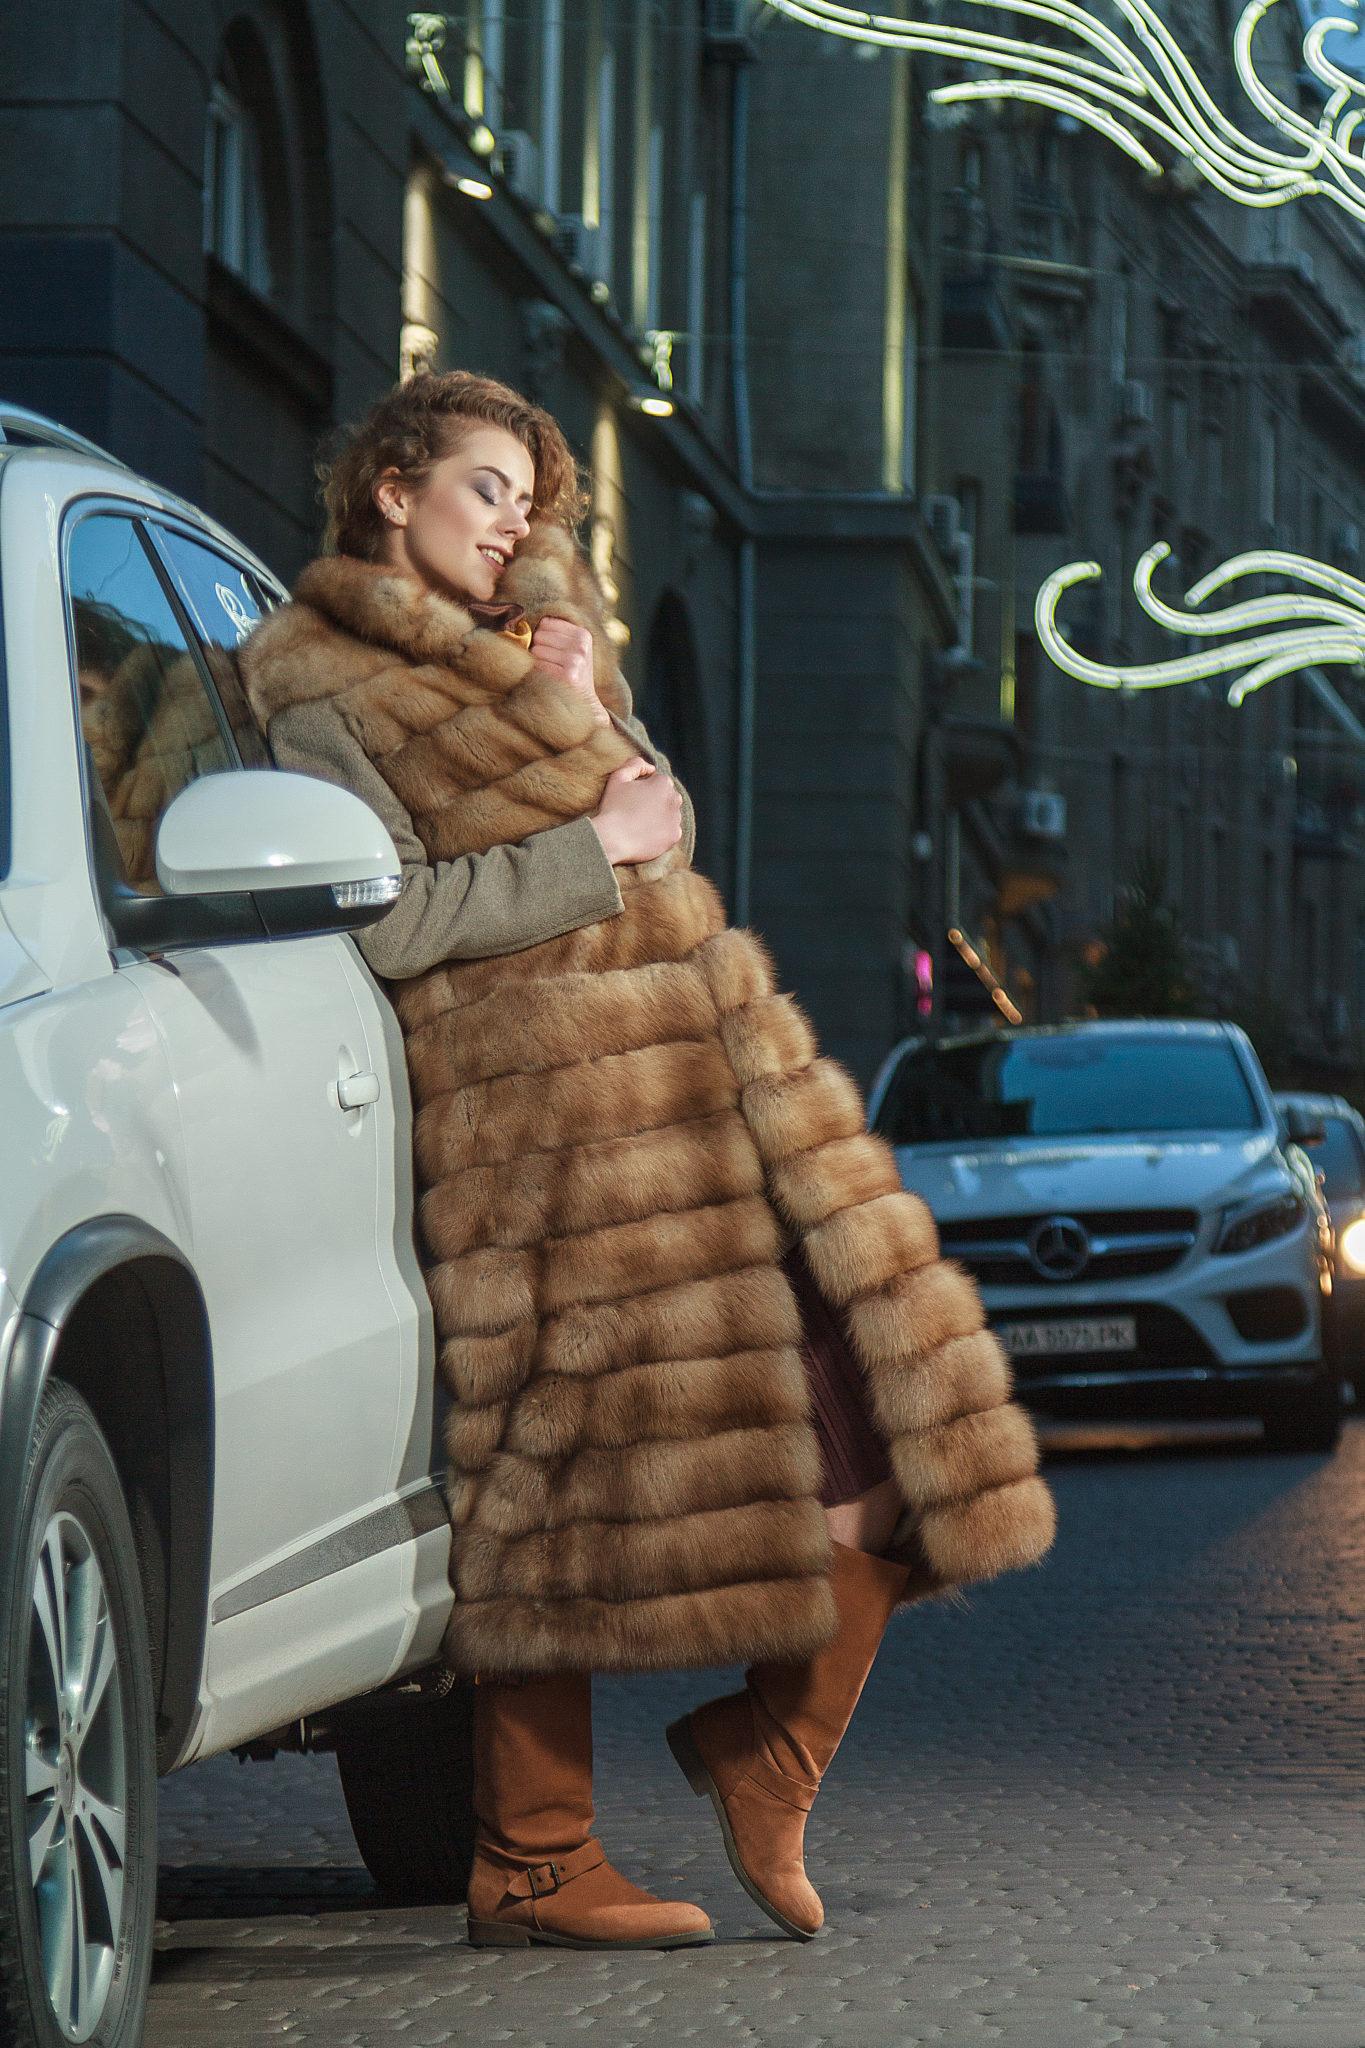 Lookbook портфолио фотостудии Frontpage 13, Постникова Алиса фотограф, Полищук Юлия модель